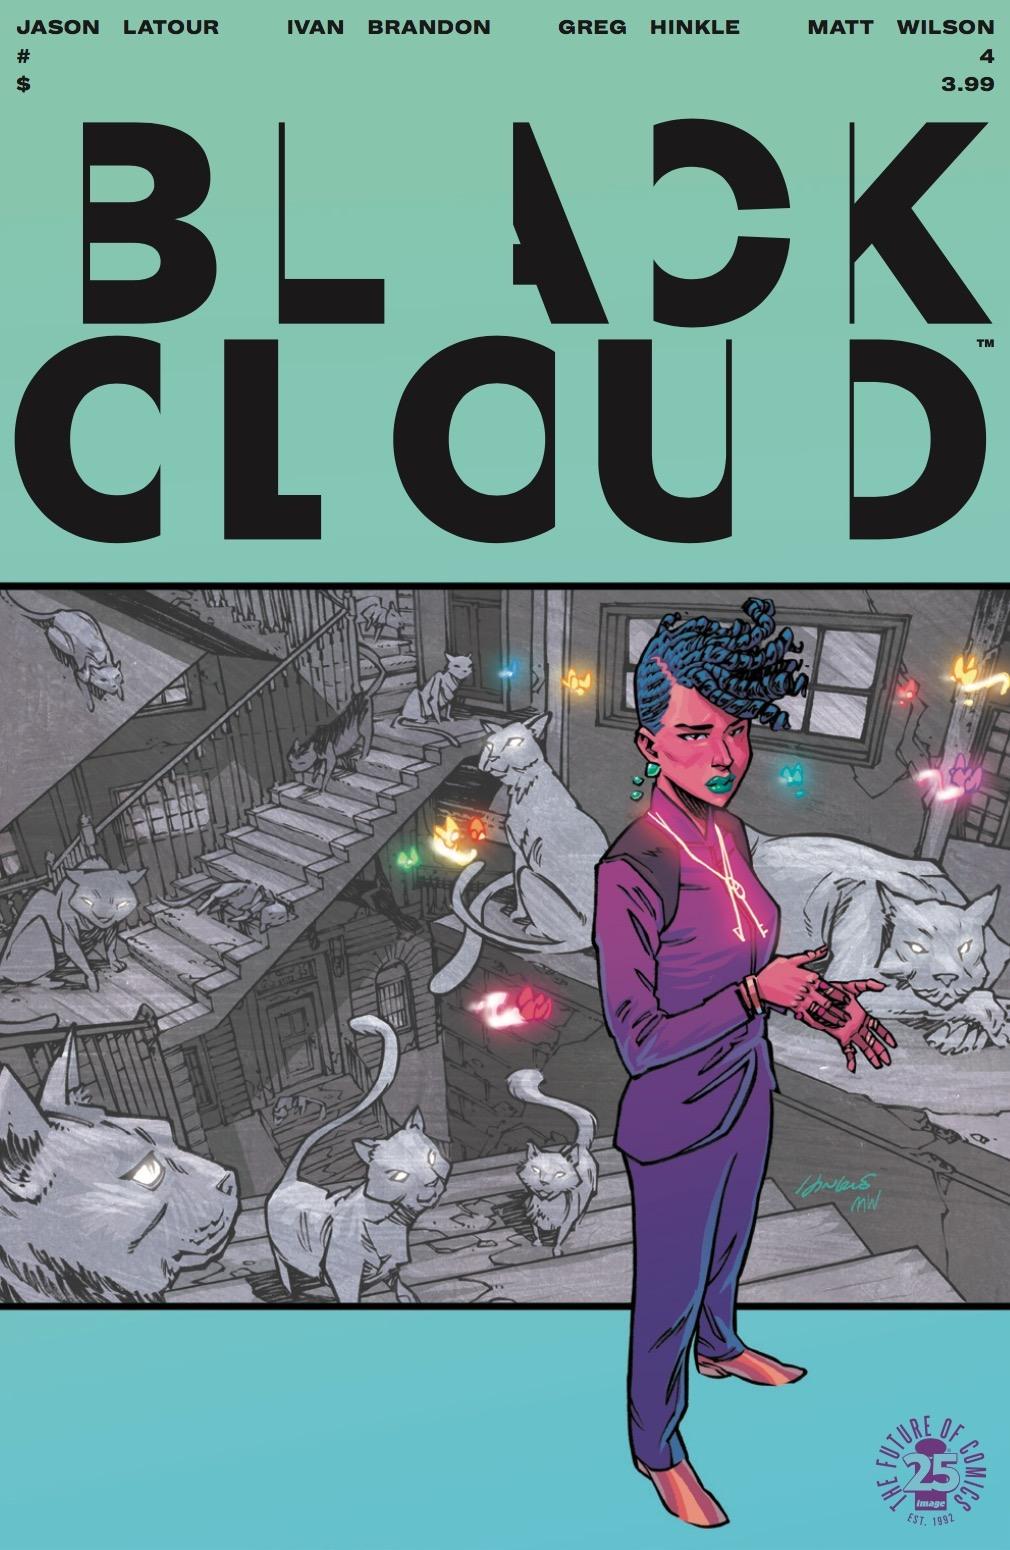 Black Cloud #4 Review